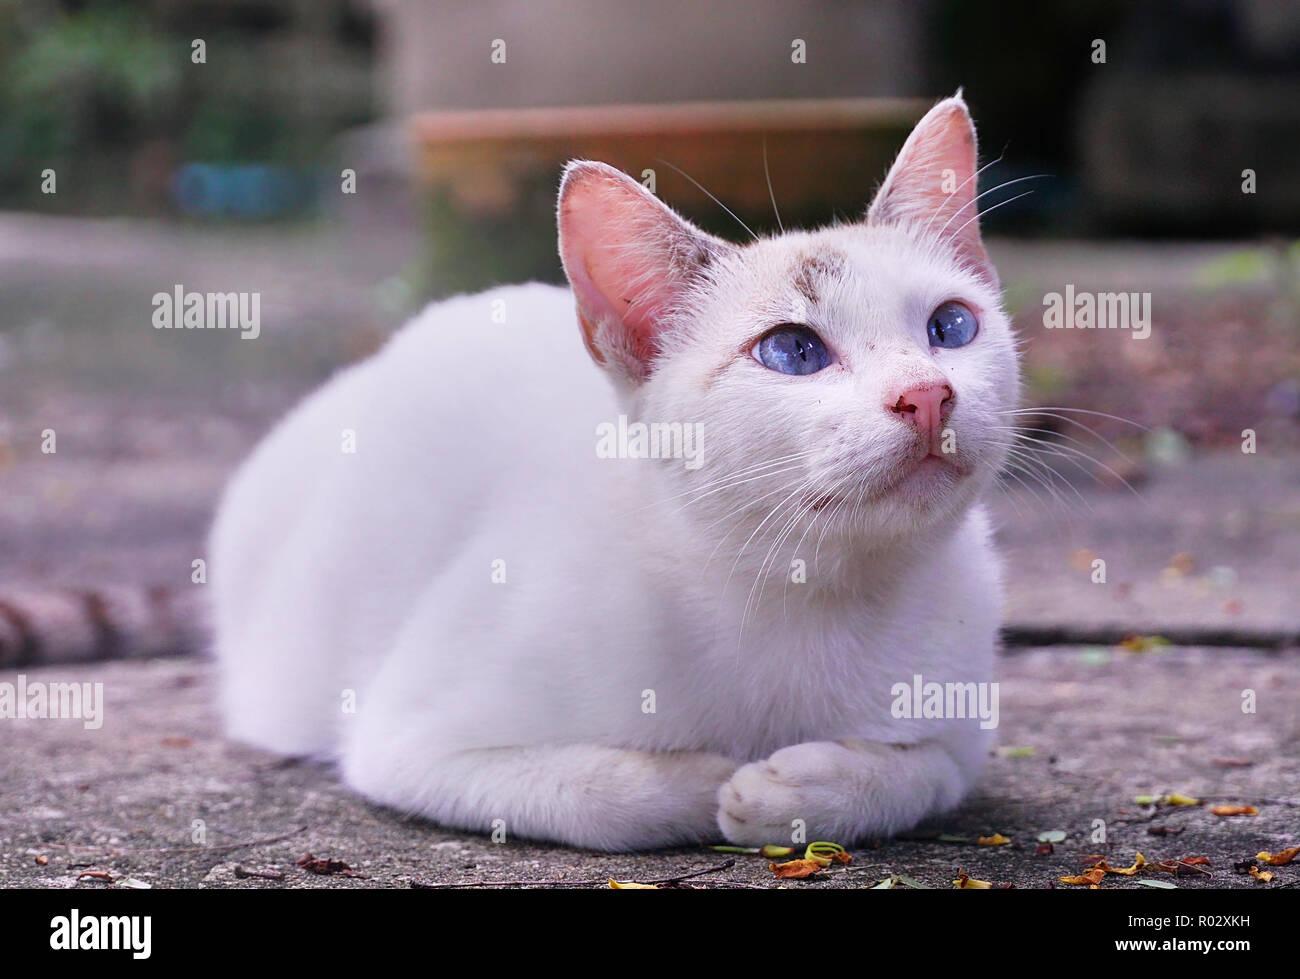 Portrait of cute kitten blanc s'asseoir sur le sol Photo Stock